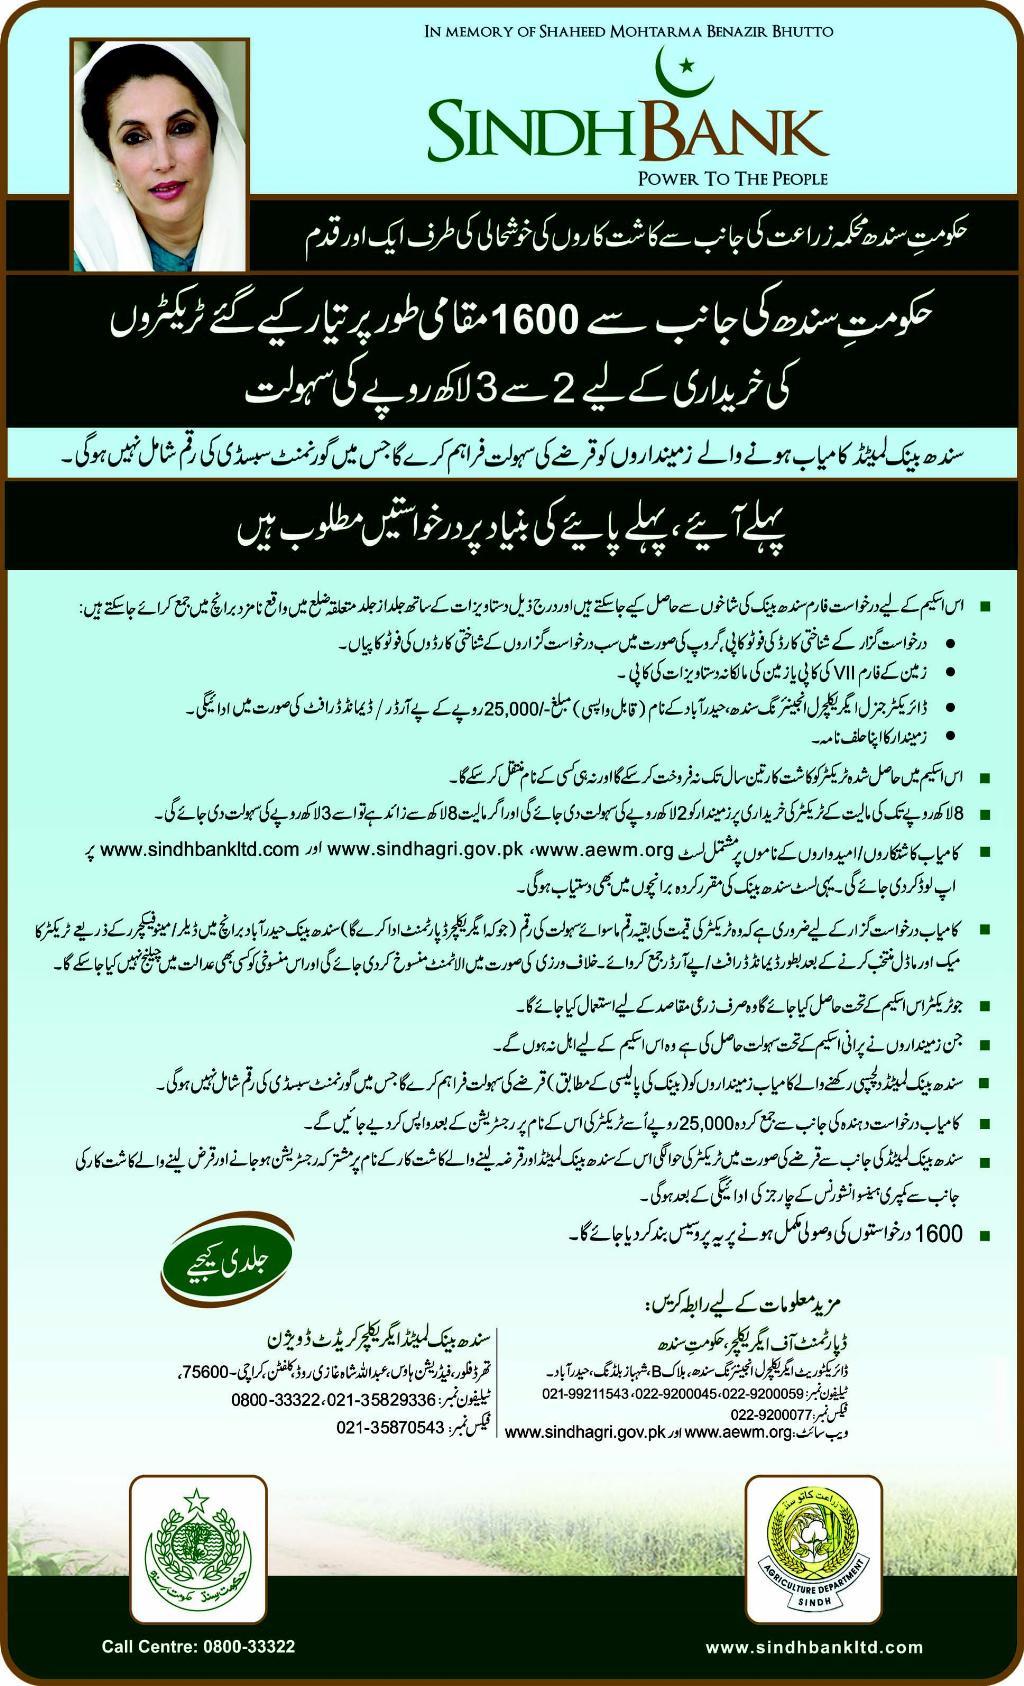 Sindh Bank Tractor Scheme Form 2017 Download Online